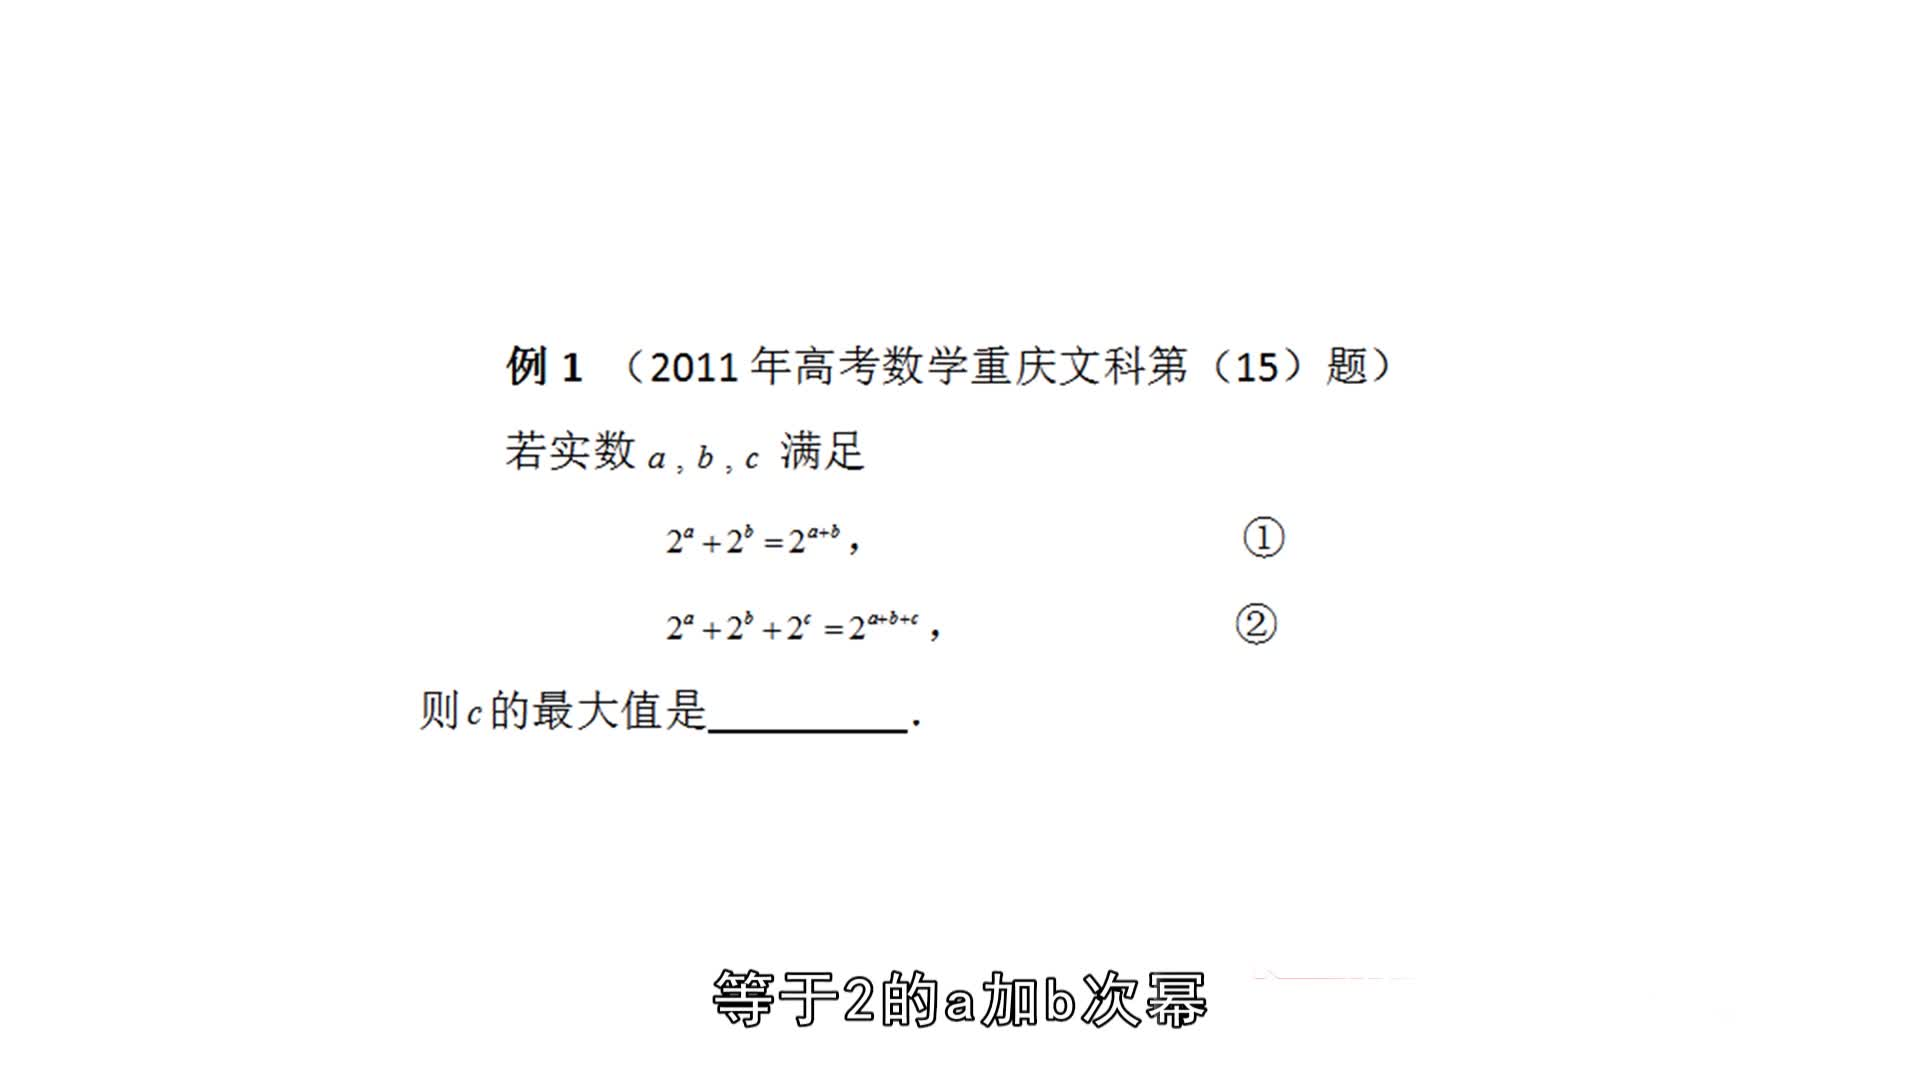 高考压轴题解题实战 1、呈现清晰解题流程——对2011年高考数学文科第15题的完整作答